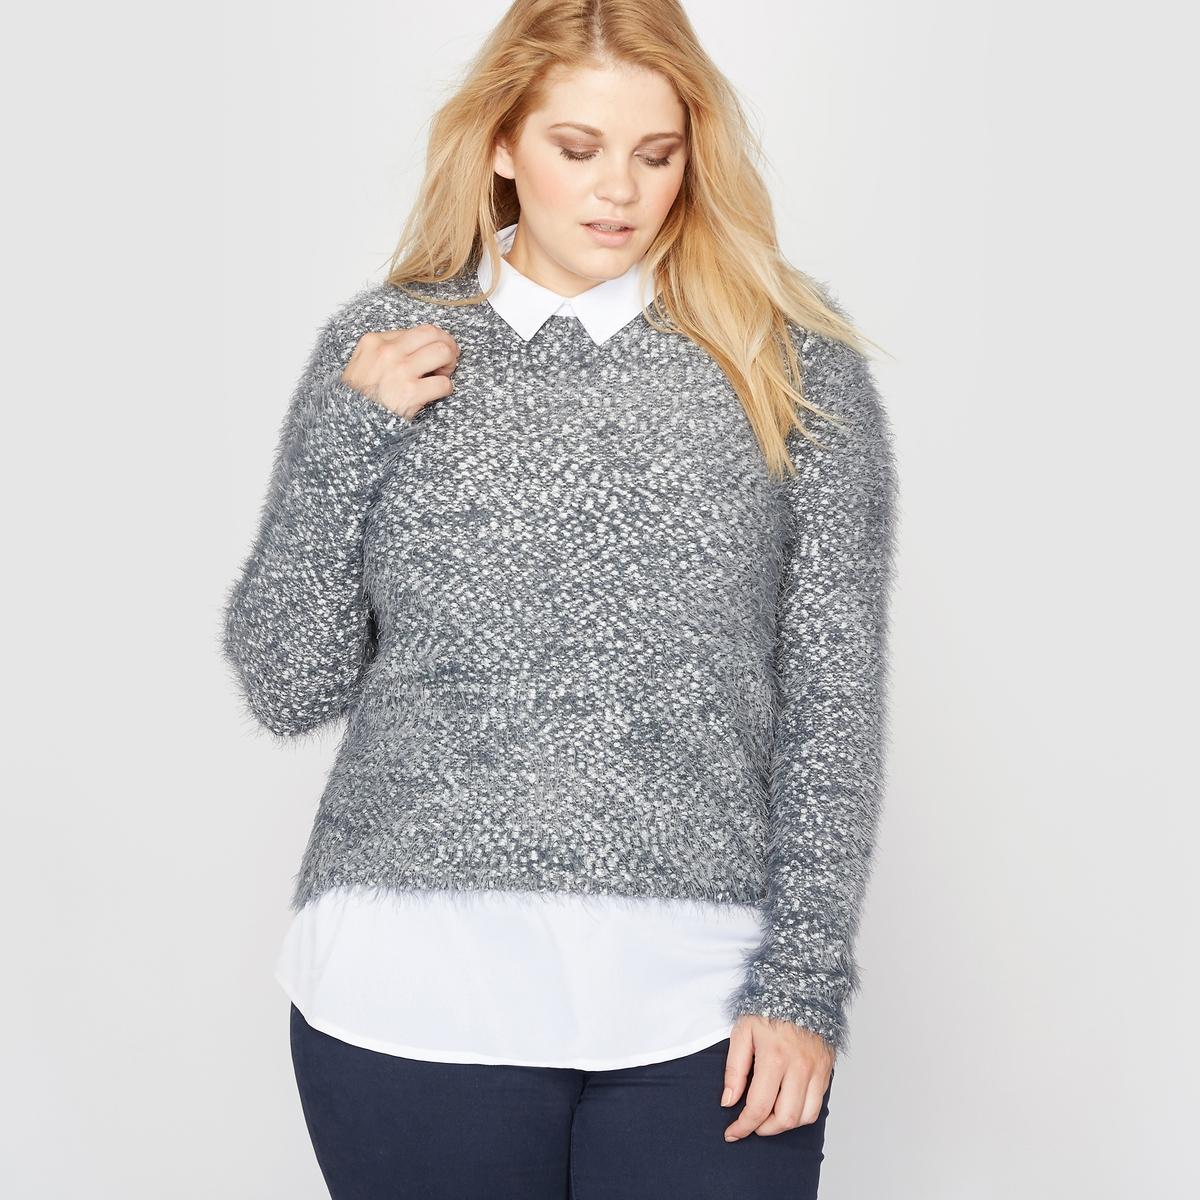 Пуловер-рубашка с эффектом 2 в 1Пуловер-рубашка с эффектом 2 в 1. Современная и очень модная форма.Пуловер с длинными рукавами из трикотажа мулине с волокнами с металлическим блеском, цвет серый меланж, очень мягкийРубашка белого цвета с воротником со свободными уголками. Состав и описание :Материал : трикотаж мулине 60 % полиамида, 15 % акрила, 15 % полиэстера, 10 % металлизированных волокон (пуловер) и 100 % полиэстер (рубашка).Длина : 69 см для размера 42/44.Марка : CASTALUNA..Description du drap-housse AzelaУход :Деликатная машинная стирка при 30 ° .<br><br>Цвет: темно-серый меланж<br>Размер: 42/44 (FR) - 48/50 (RUS).46/48 (FR) - 52/54 (RUS)